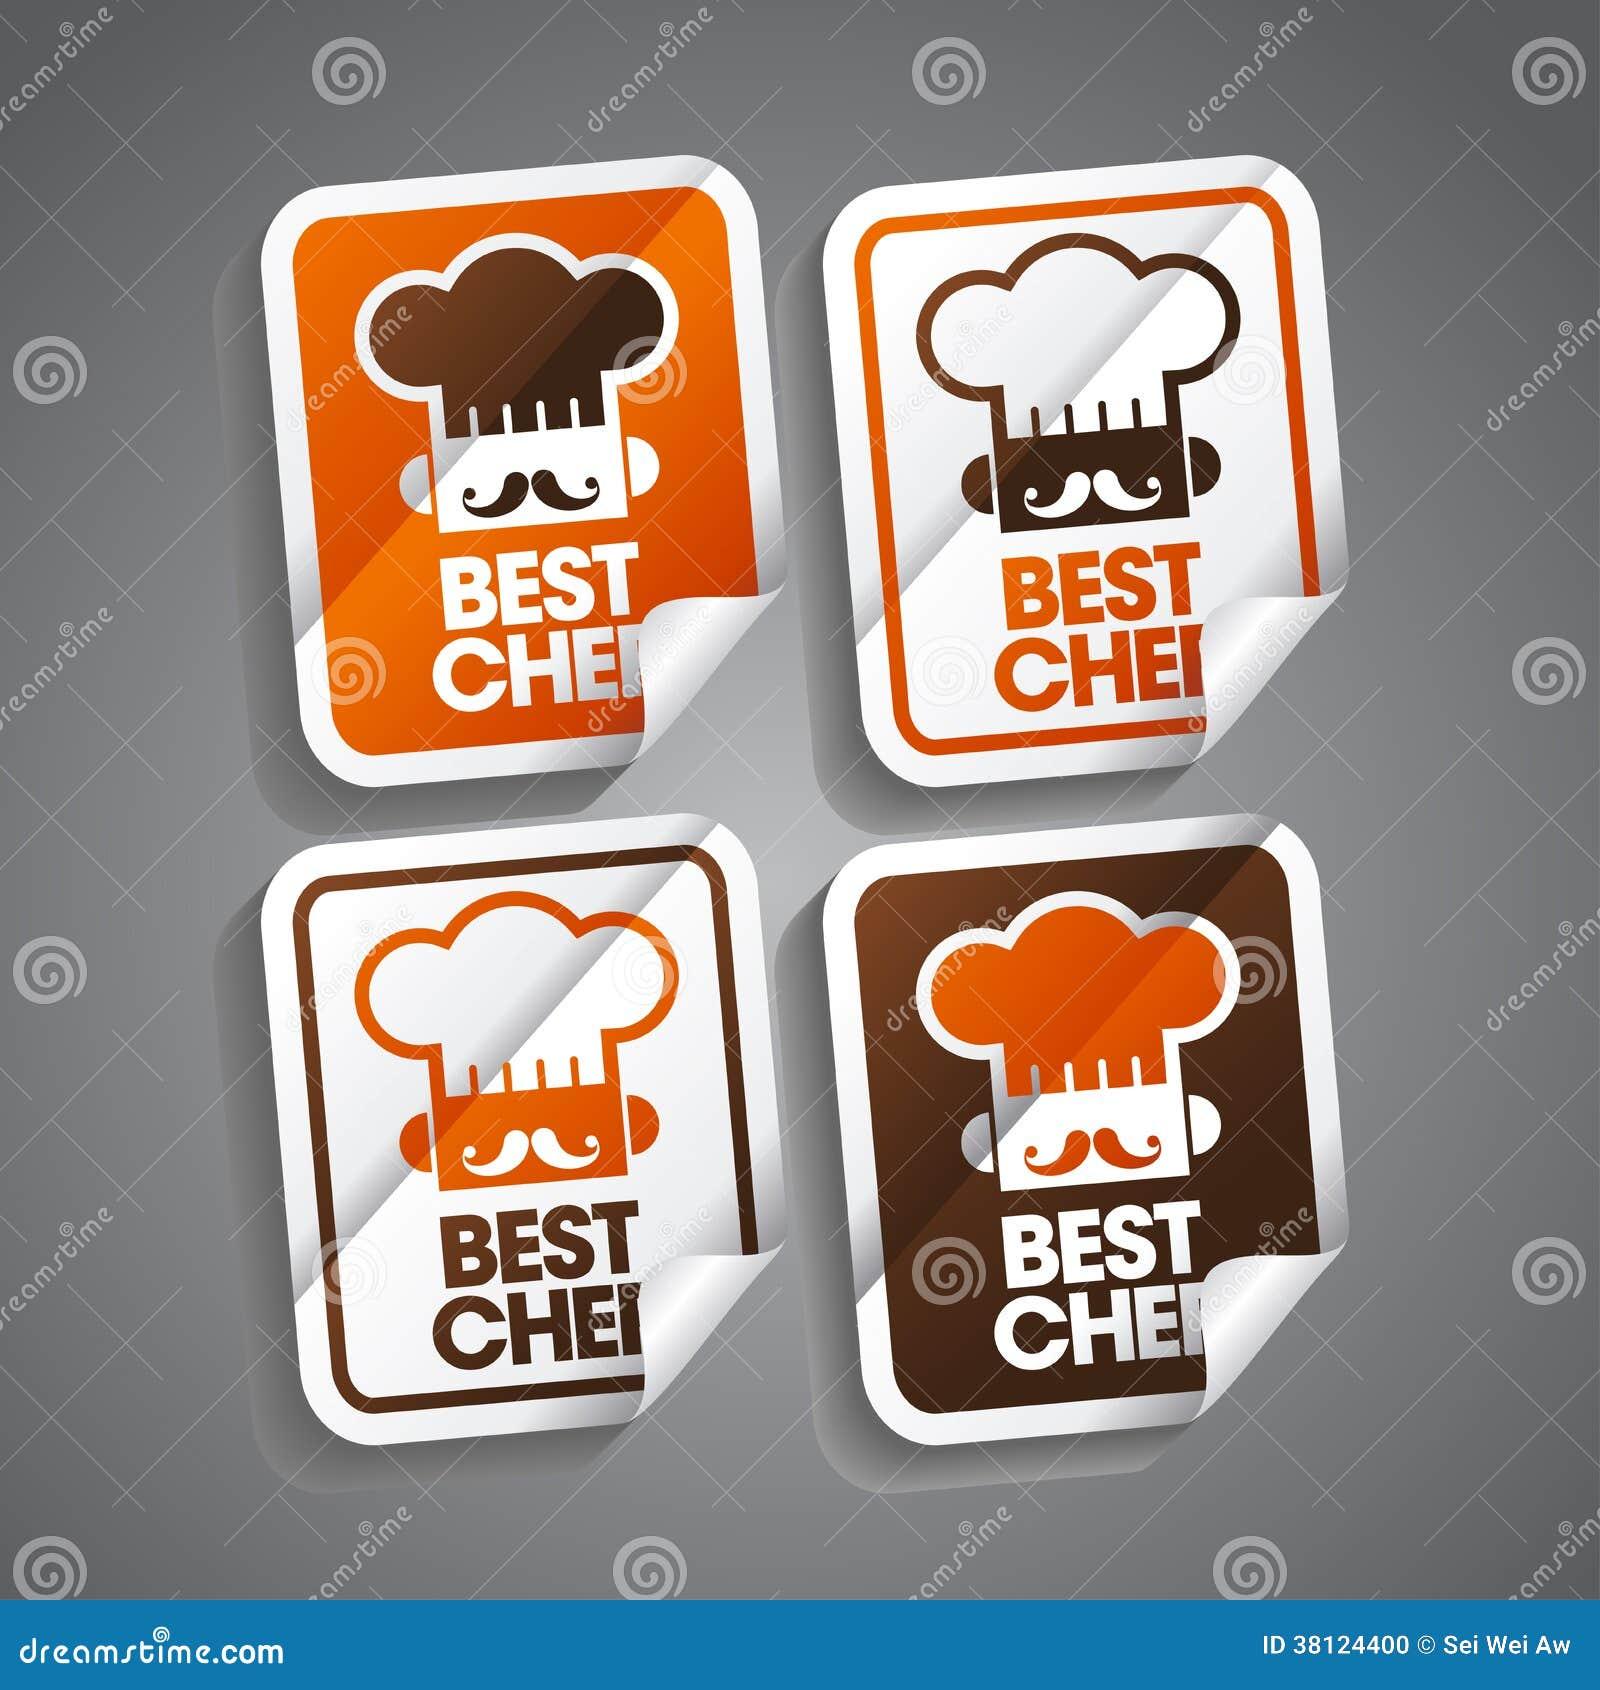 Bester Chef Sticker